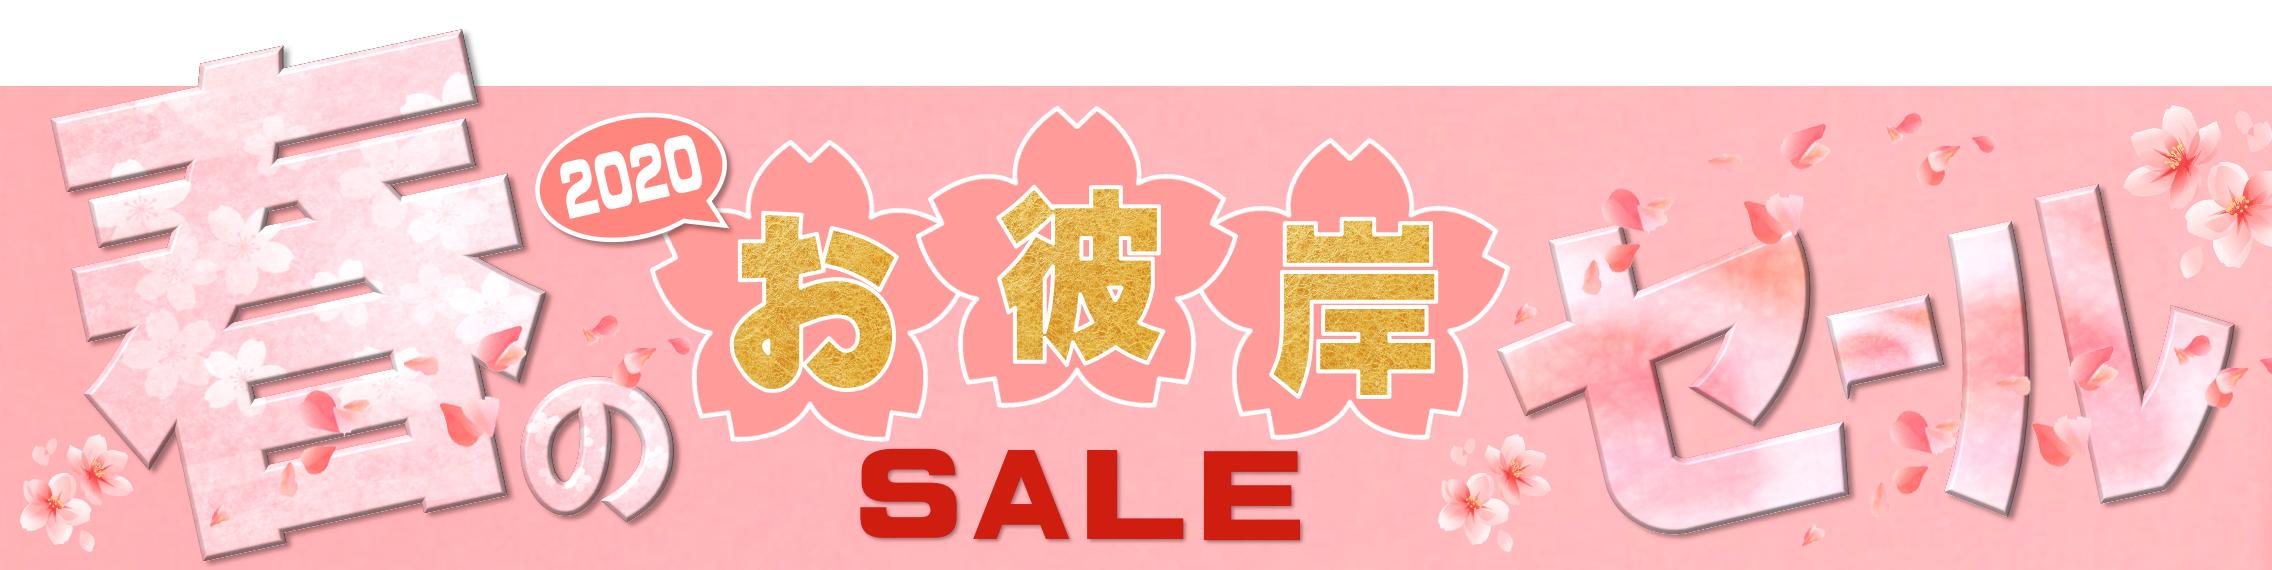 春のお彼岸セールキャンペーン